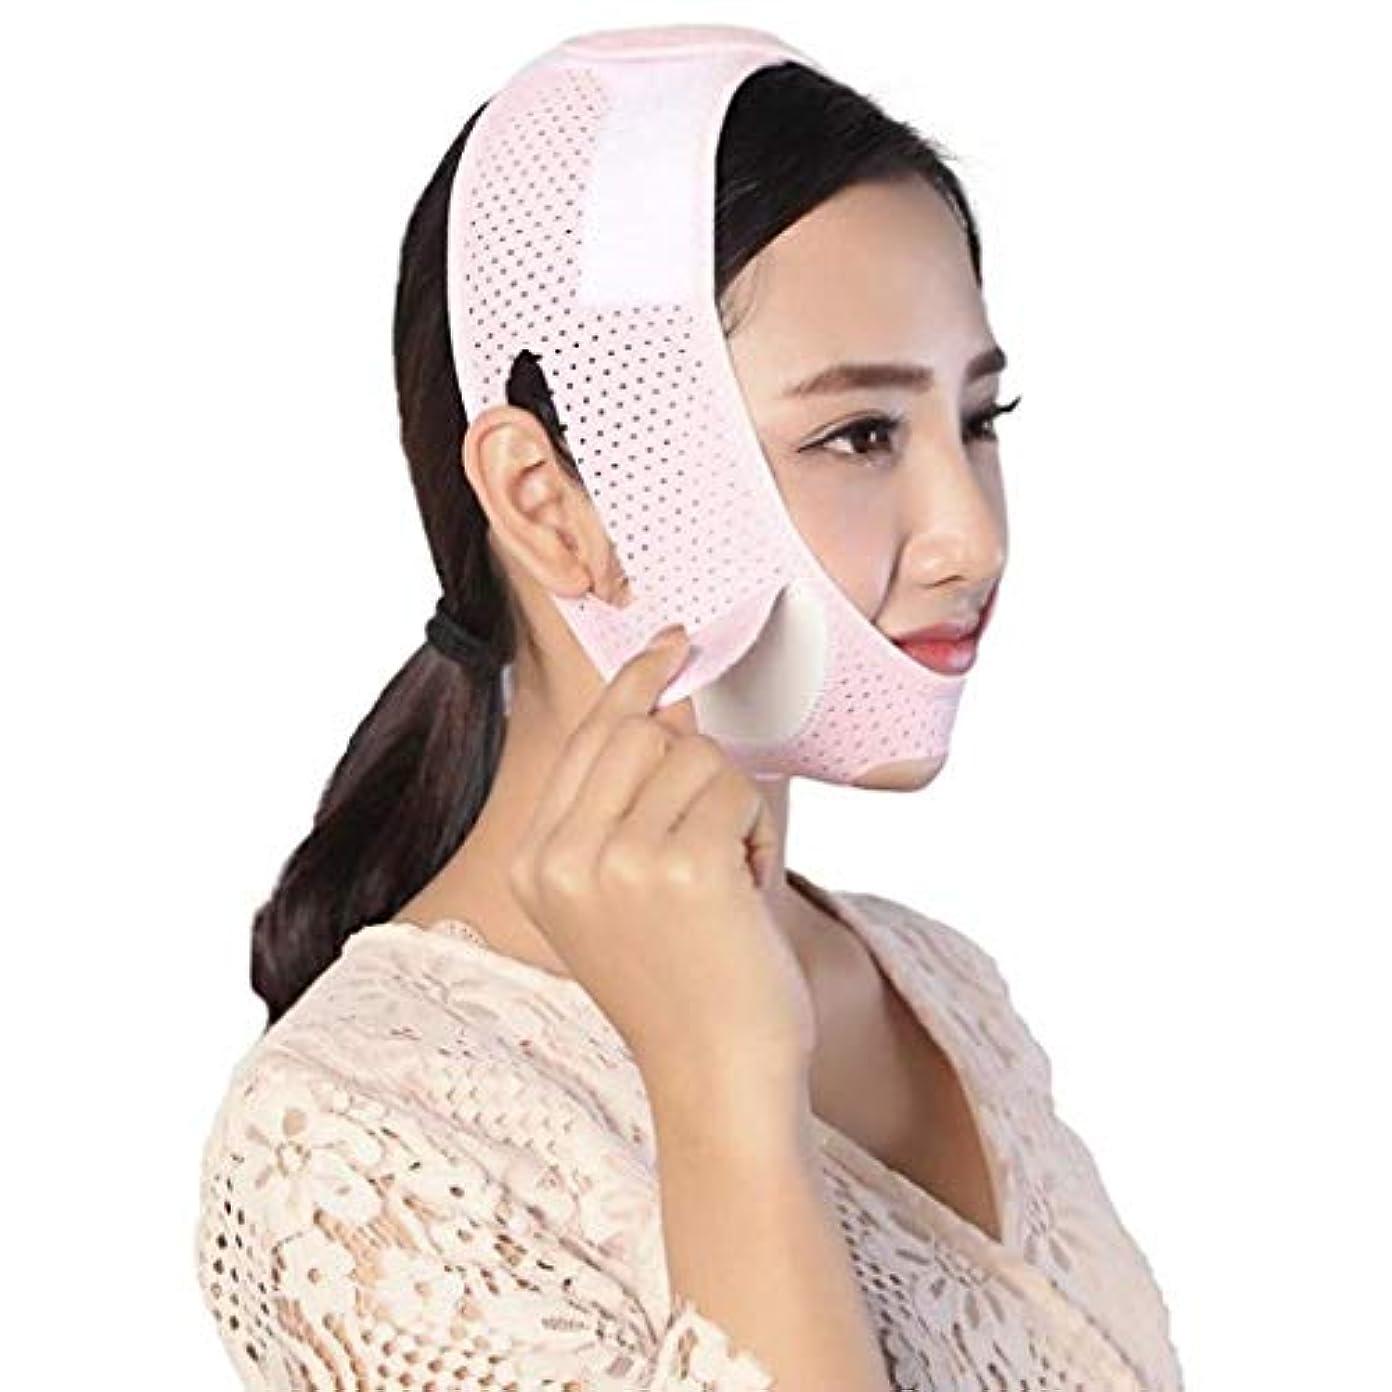 たるみ退却カウントVフェイスリフティング痩身Vフェイスマスクフルカバレッジ包帯減らす顔の二重あごケア減量美容ベルト通気性